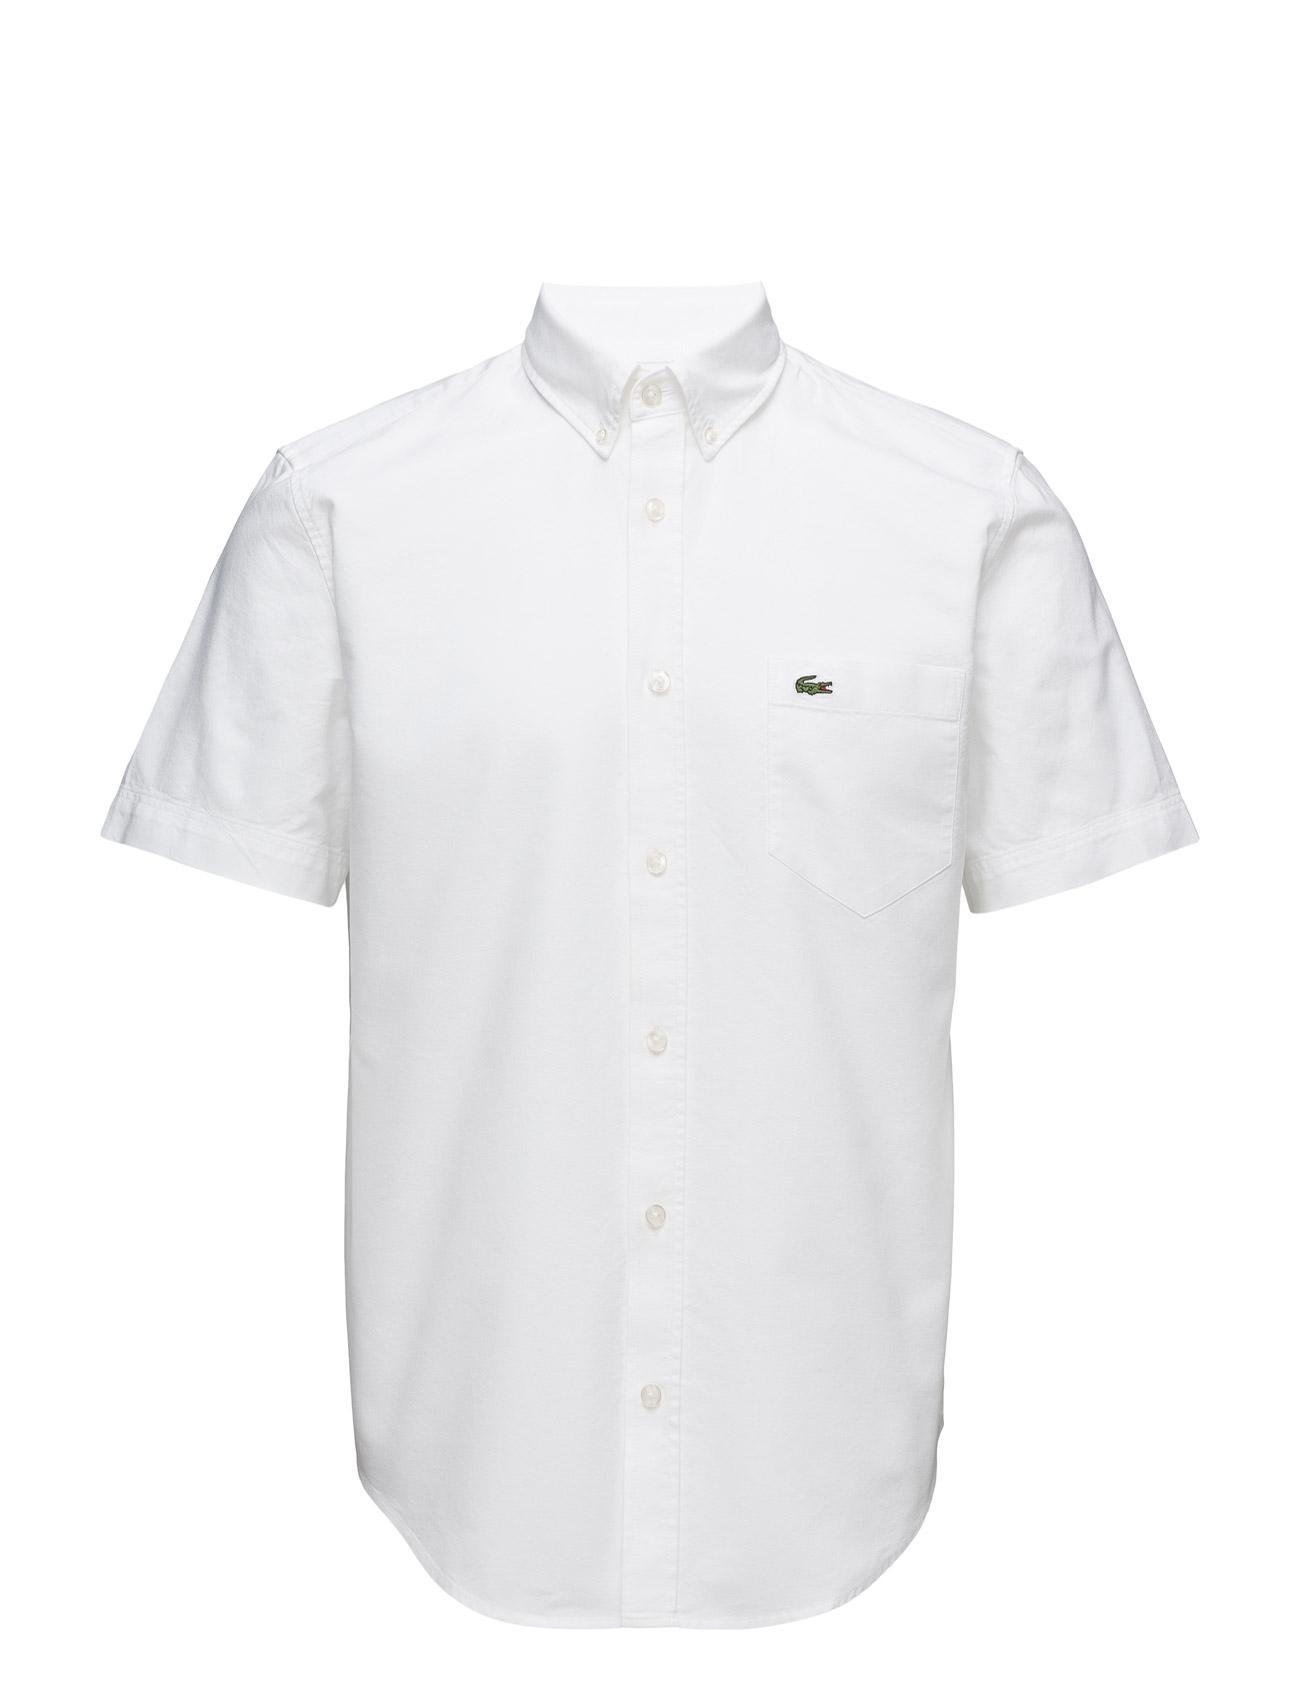 Woven Shirts Lacoste Kortærmede til Herrer i